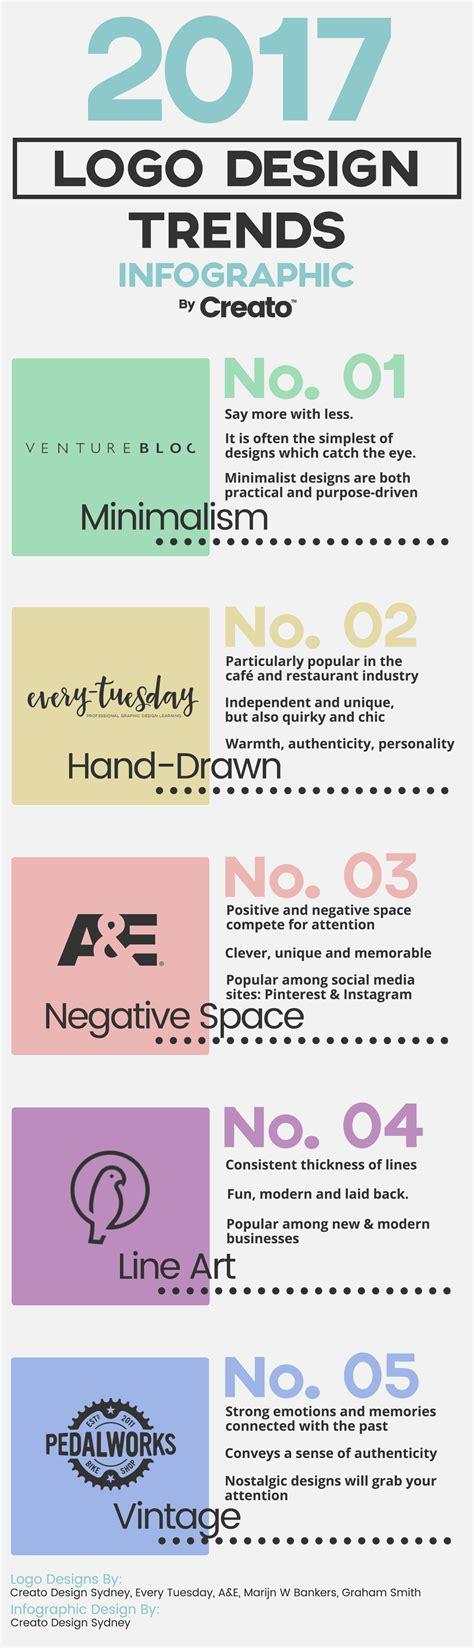 logo design trends for 2017 infographic kate vega